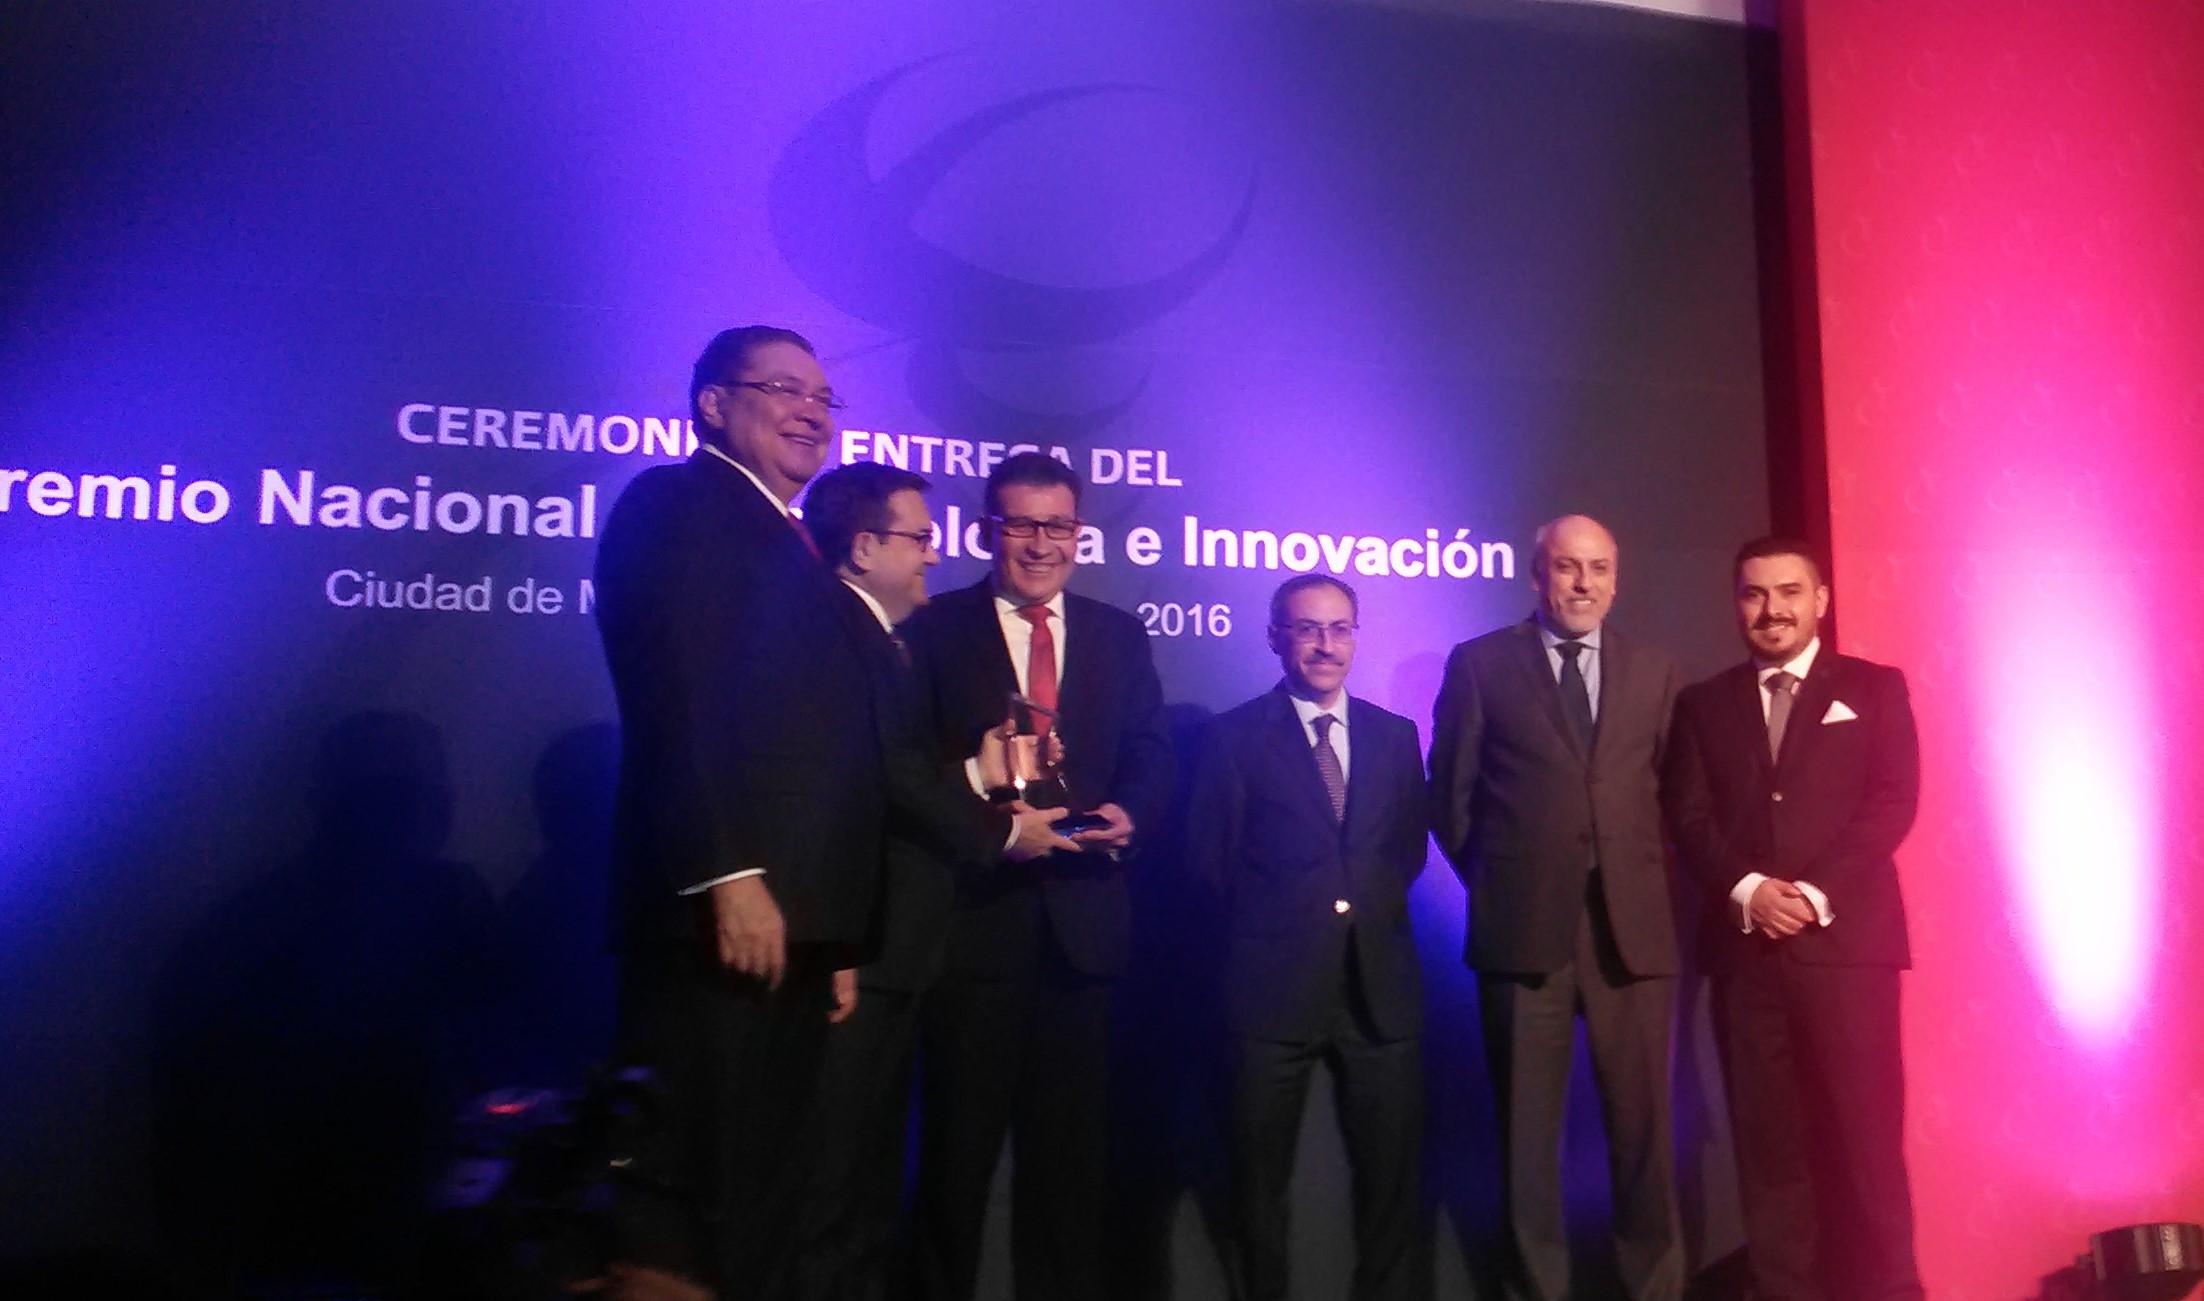 Ganan dos centros de investigación y 10 empresas el Premio Nacional de Tecnología e Innovación 2016